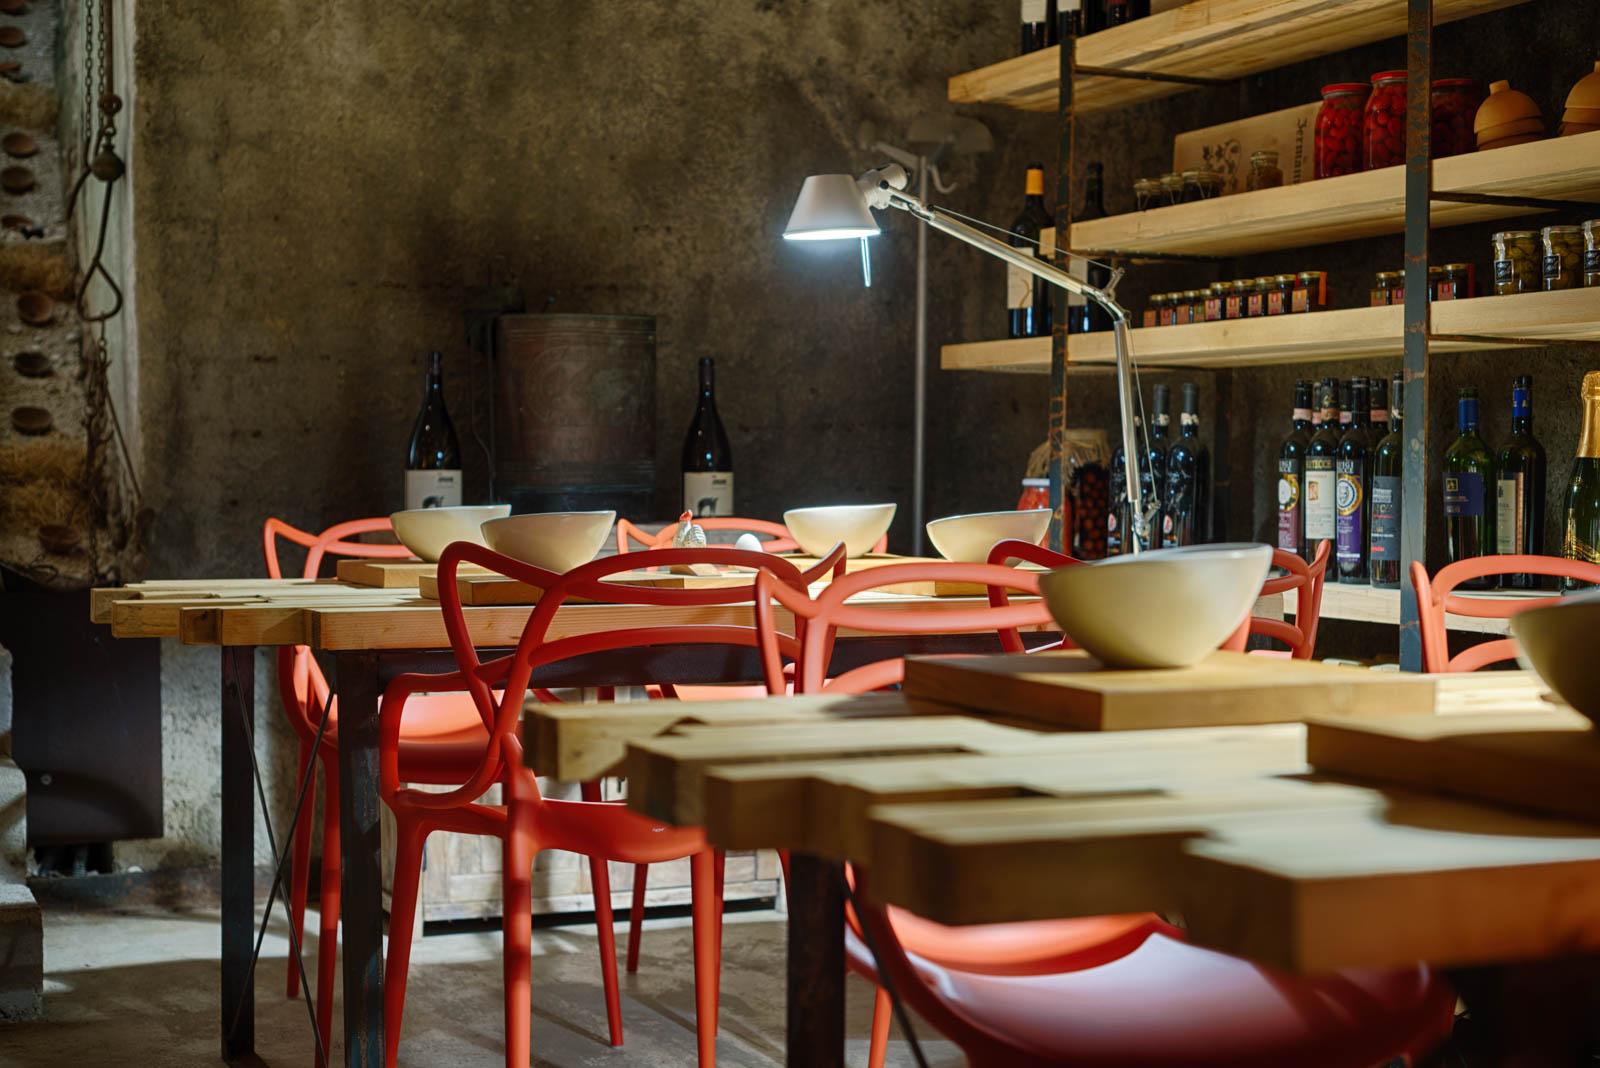 Progettazione arredo Allestimento interni Architetto Salerno Arredamento cantina locale